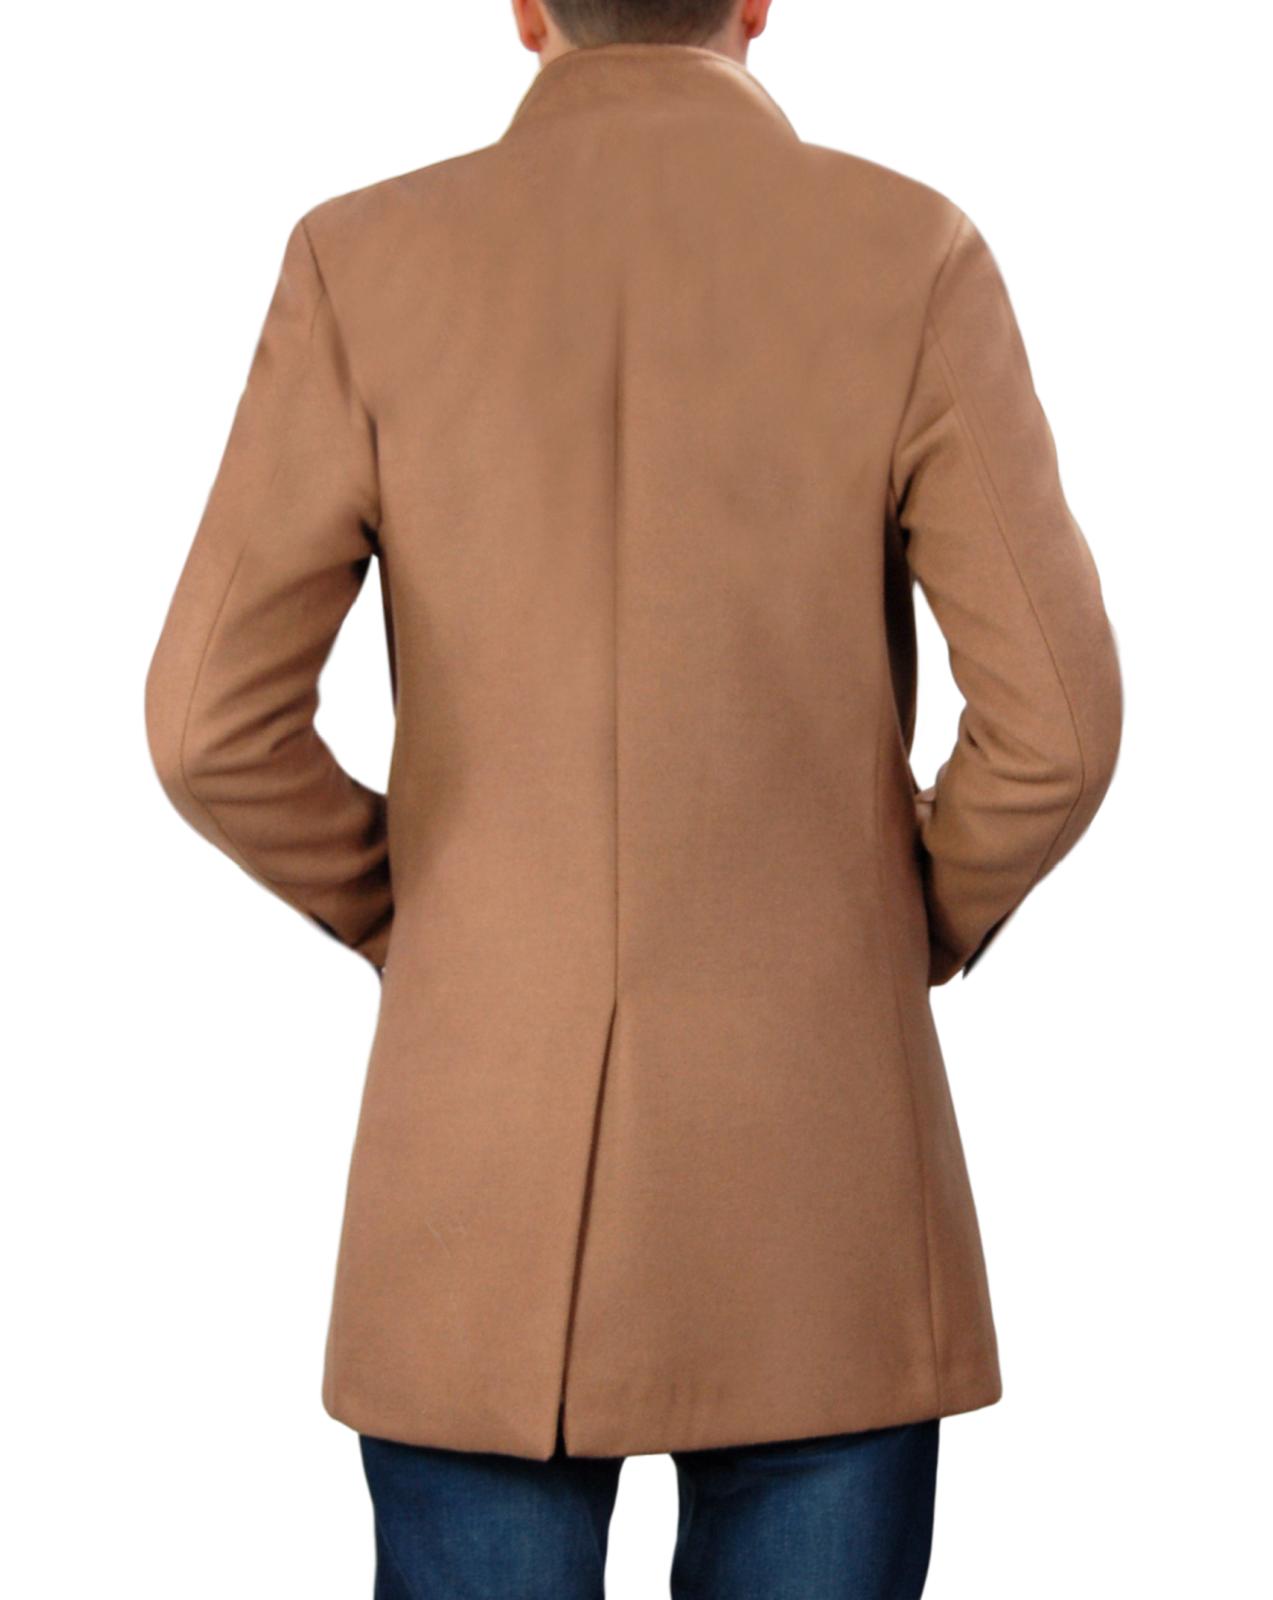 Cappotto-Uomo-Elegante-Giubbotto-Invernale-Blu-Camel-Trench-Lungo miniature 23